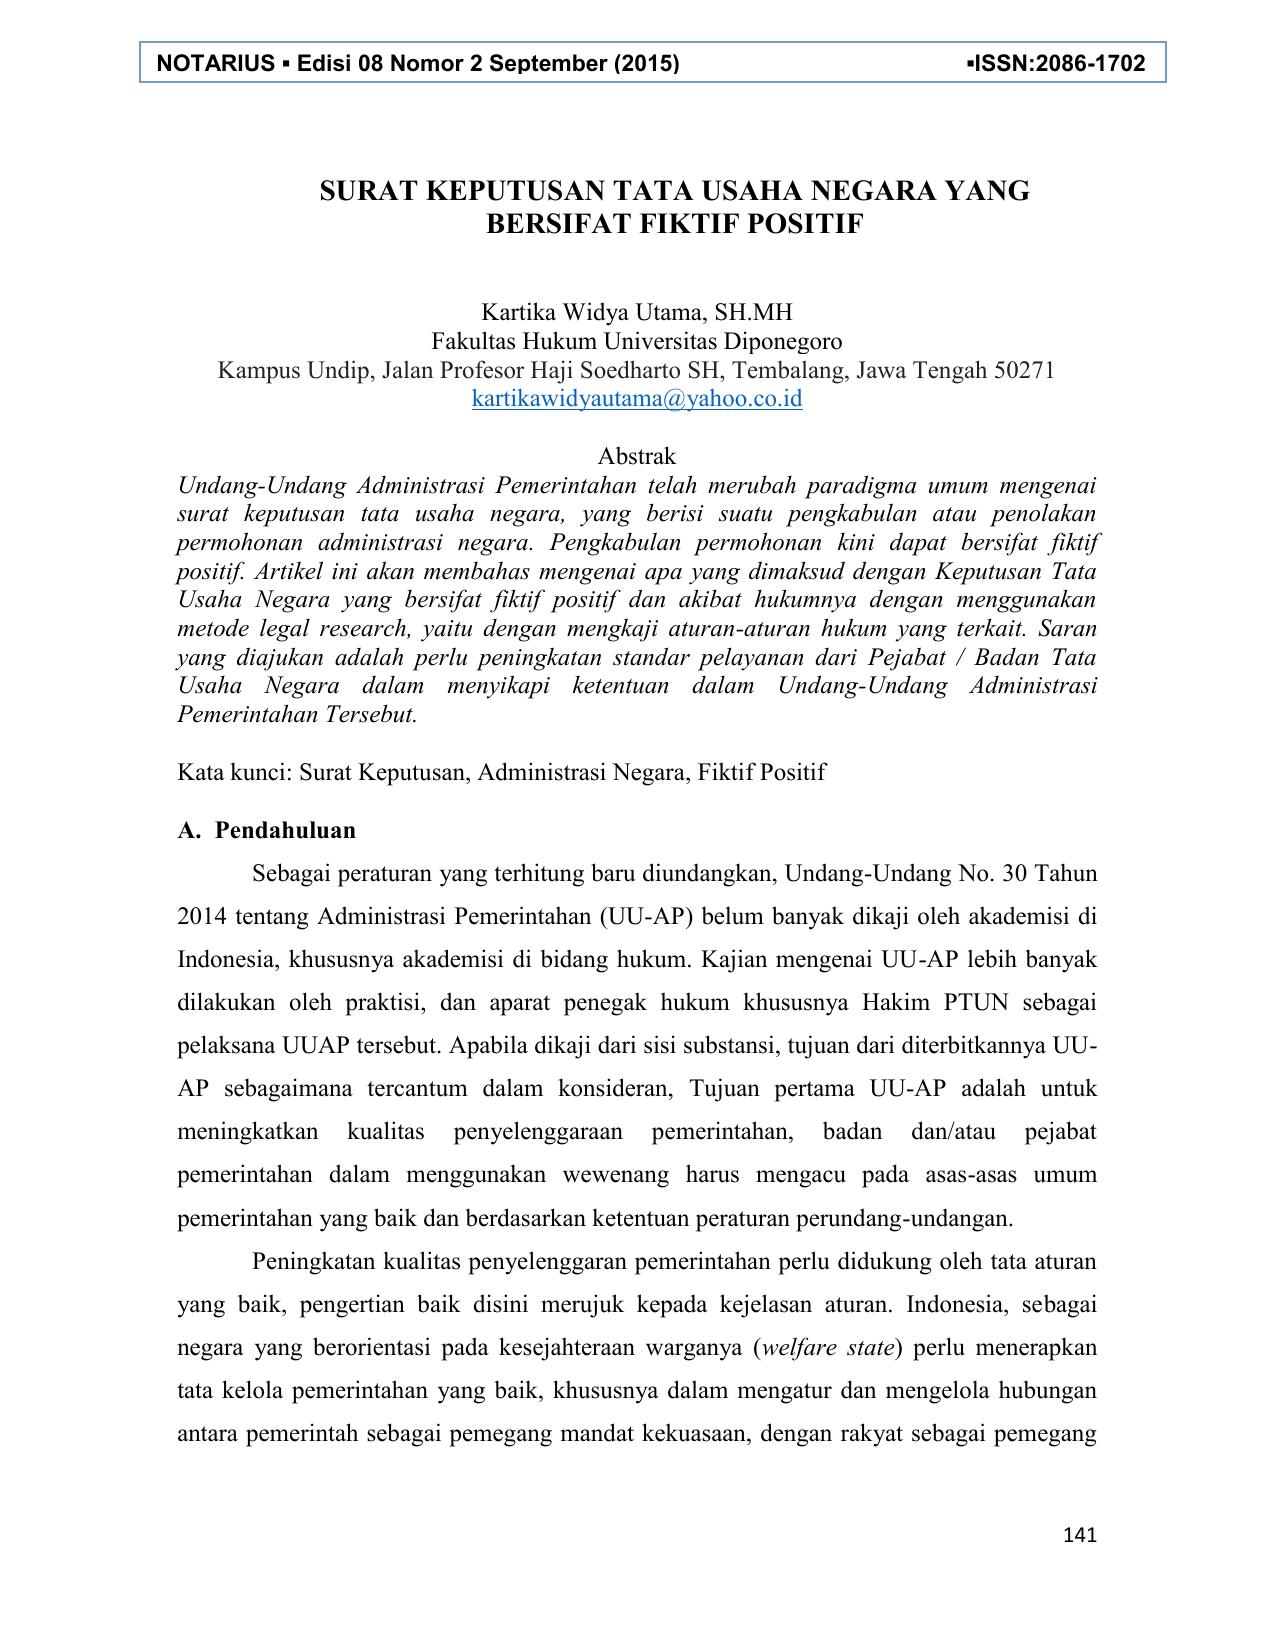 Surat Keputusan Tata Usaha Negara Yang Bersifat E